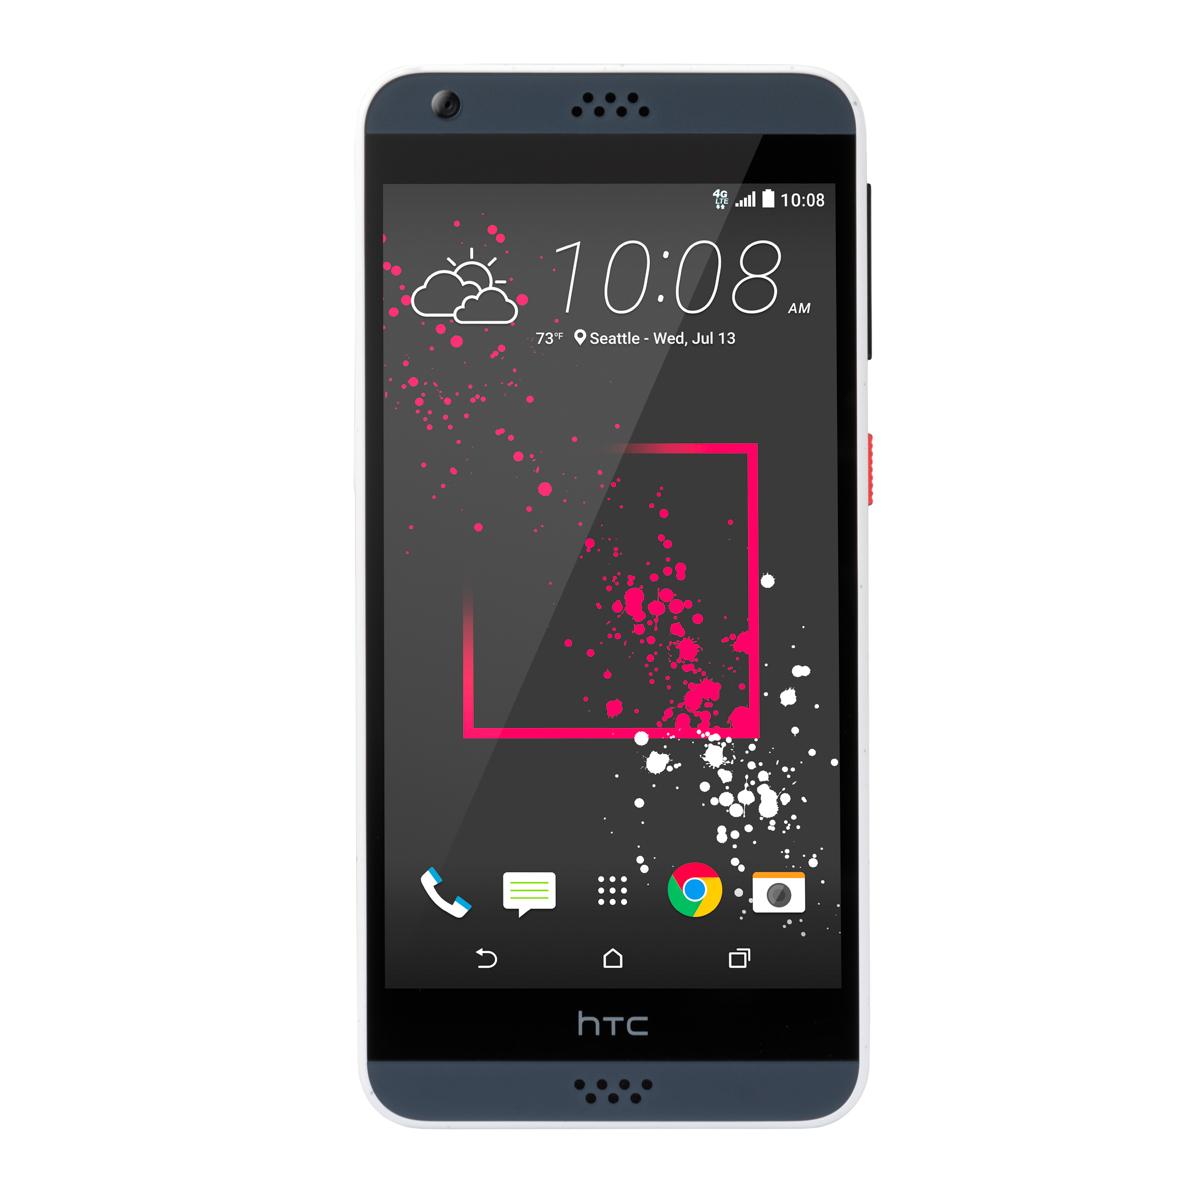 HTC-530-01.jpg